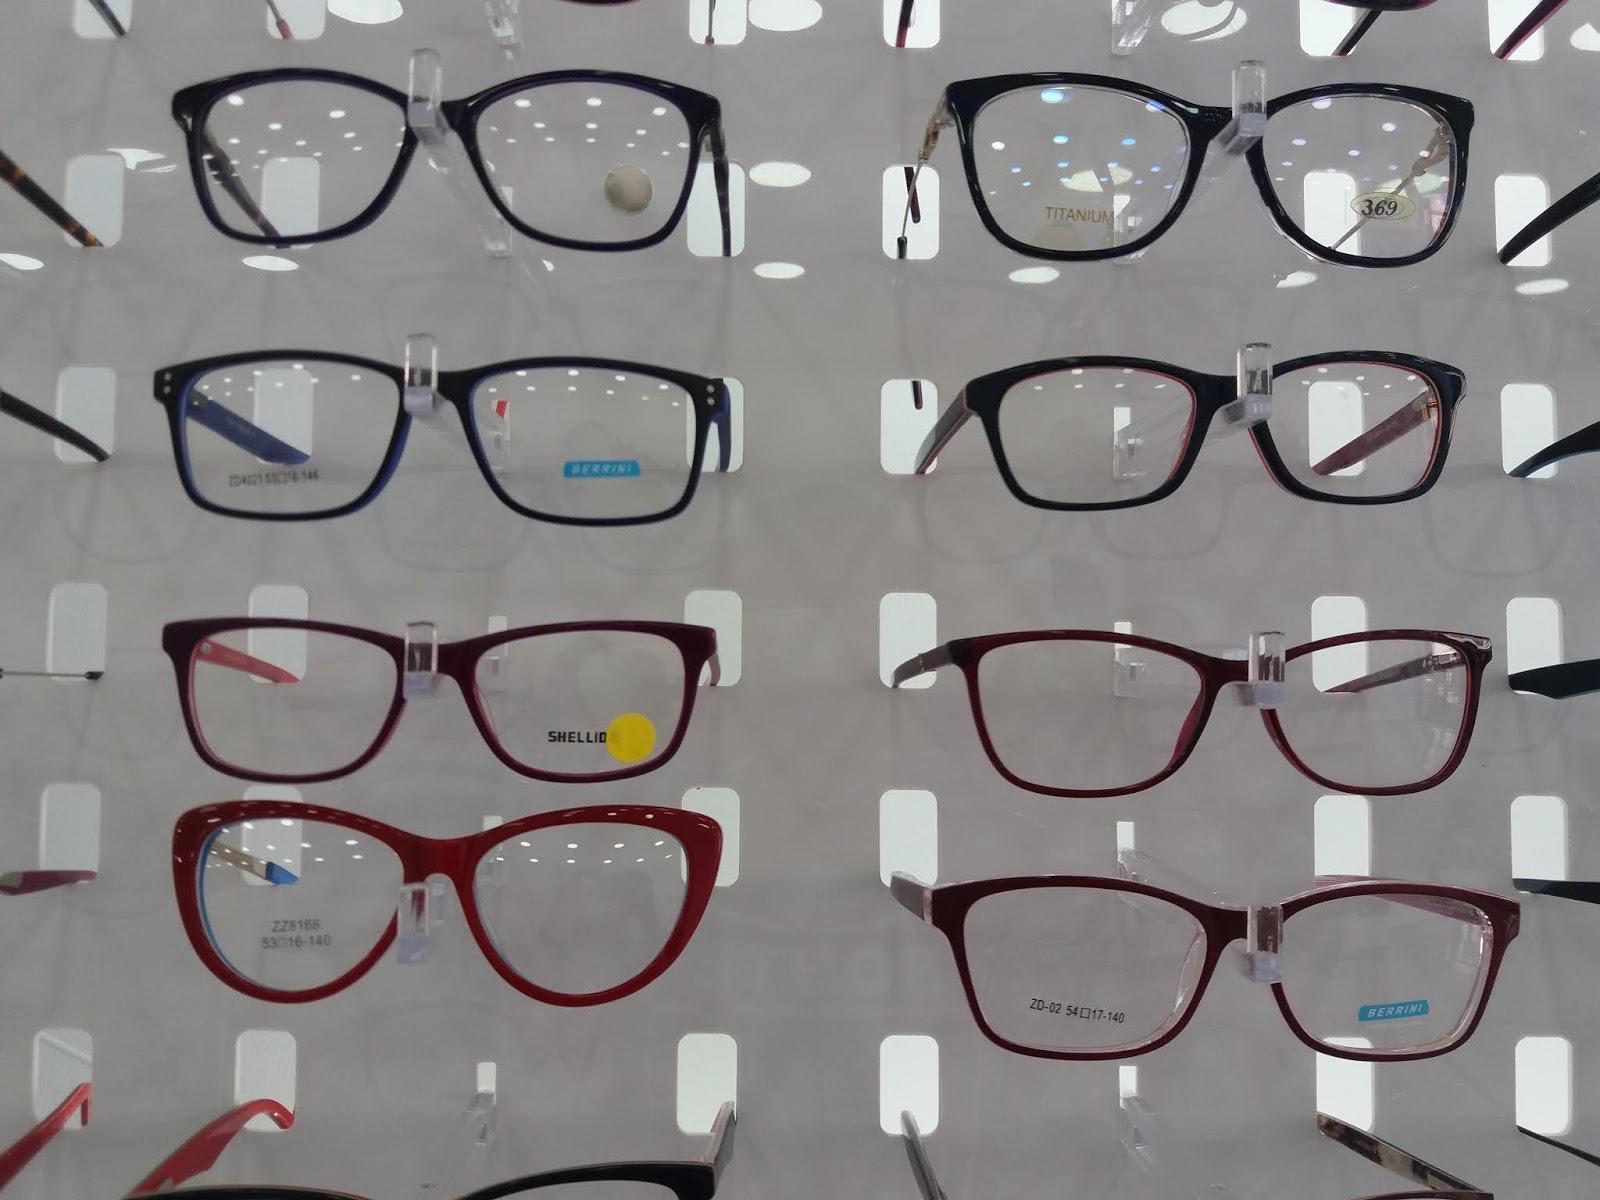 Muita gente precisa de óculos de grau nem que seja para descanso e bem  sabemos que normalmente o preço é bem salgado, porém eu conheci uma loja no  Brás que ... fc663e4c41